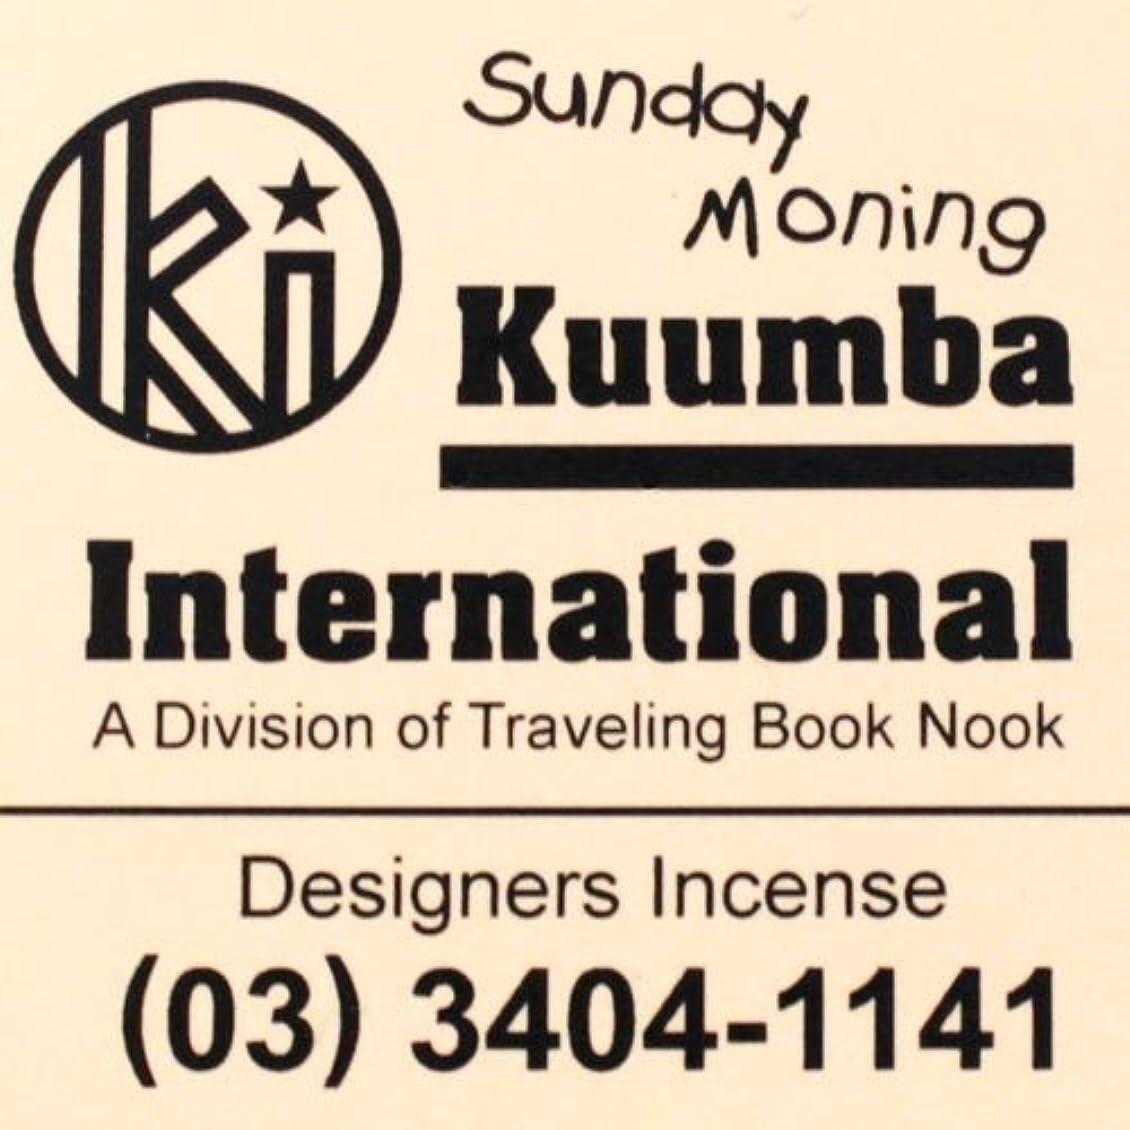 遠征失効自発的(クンバ) KUUMBA『incense』(Sunday Morning) (Regular size)